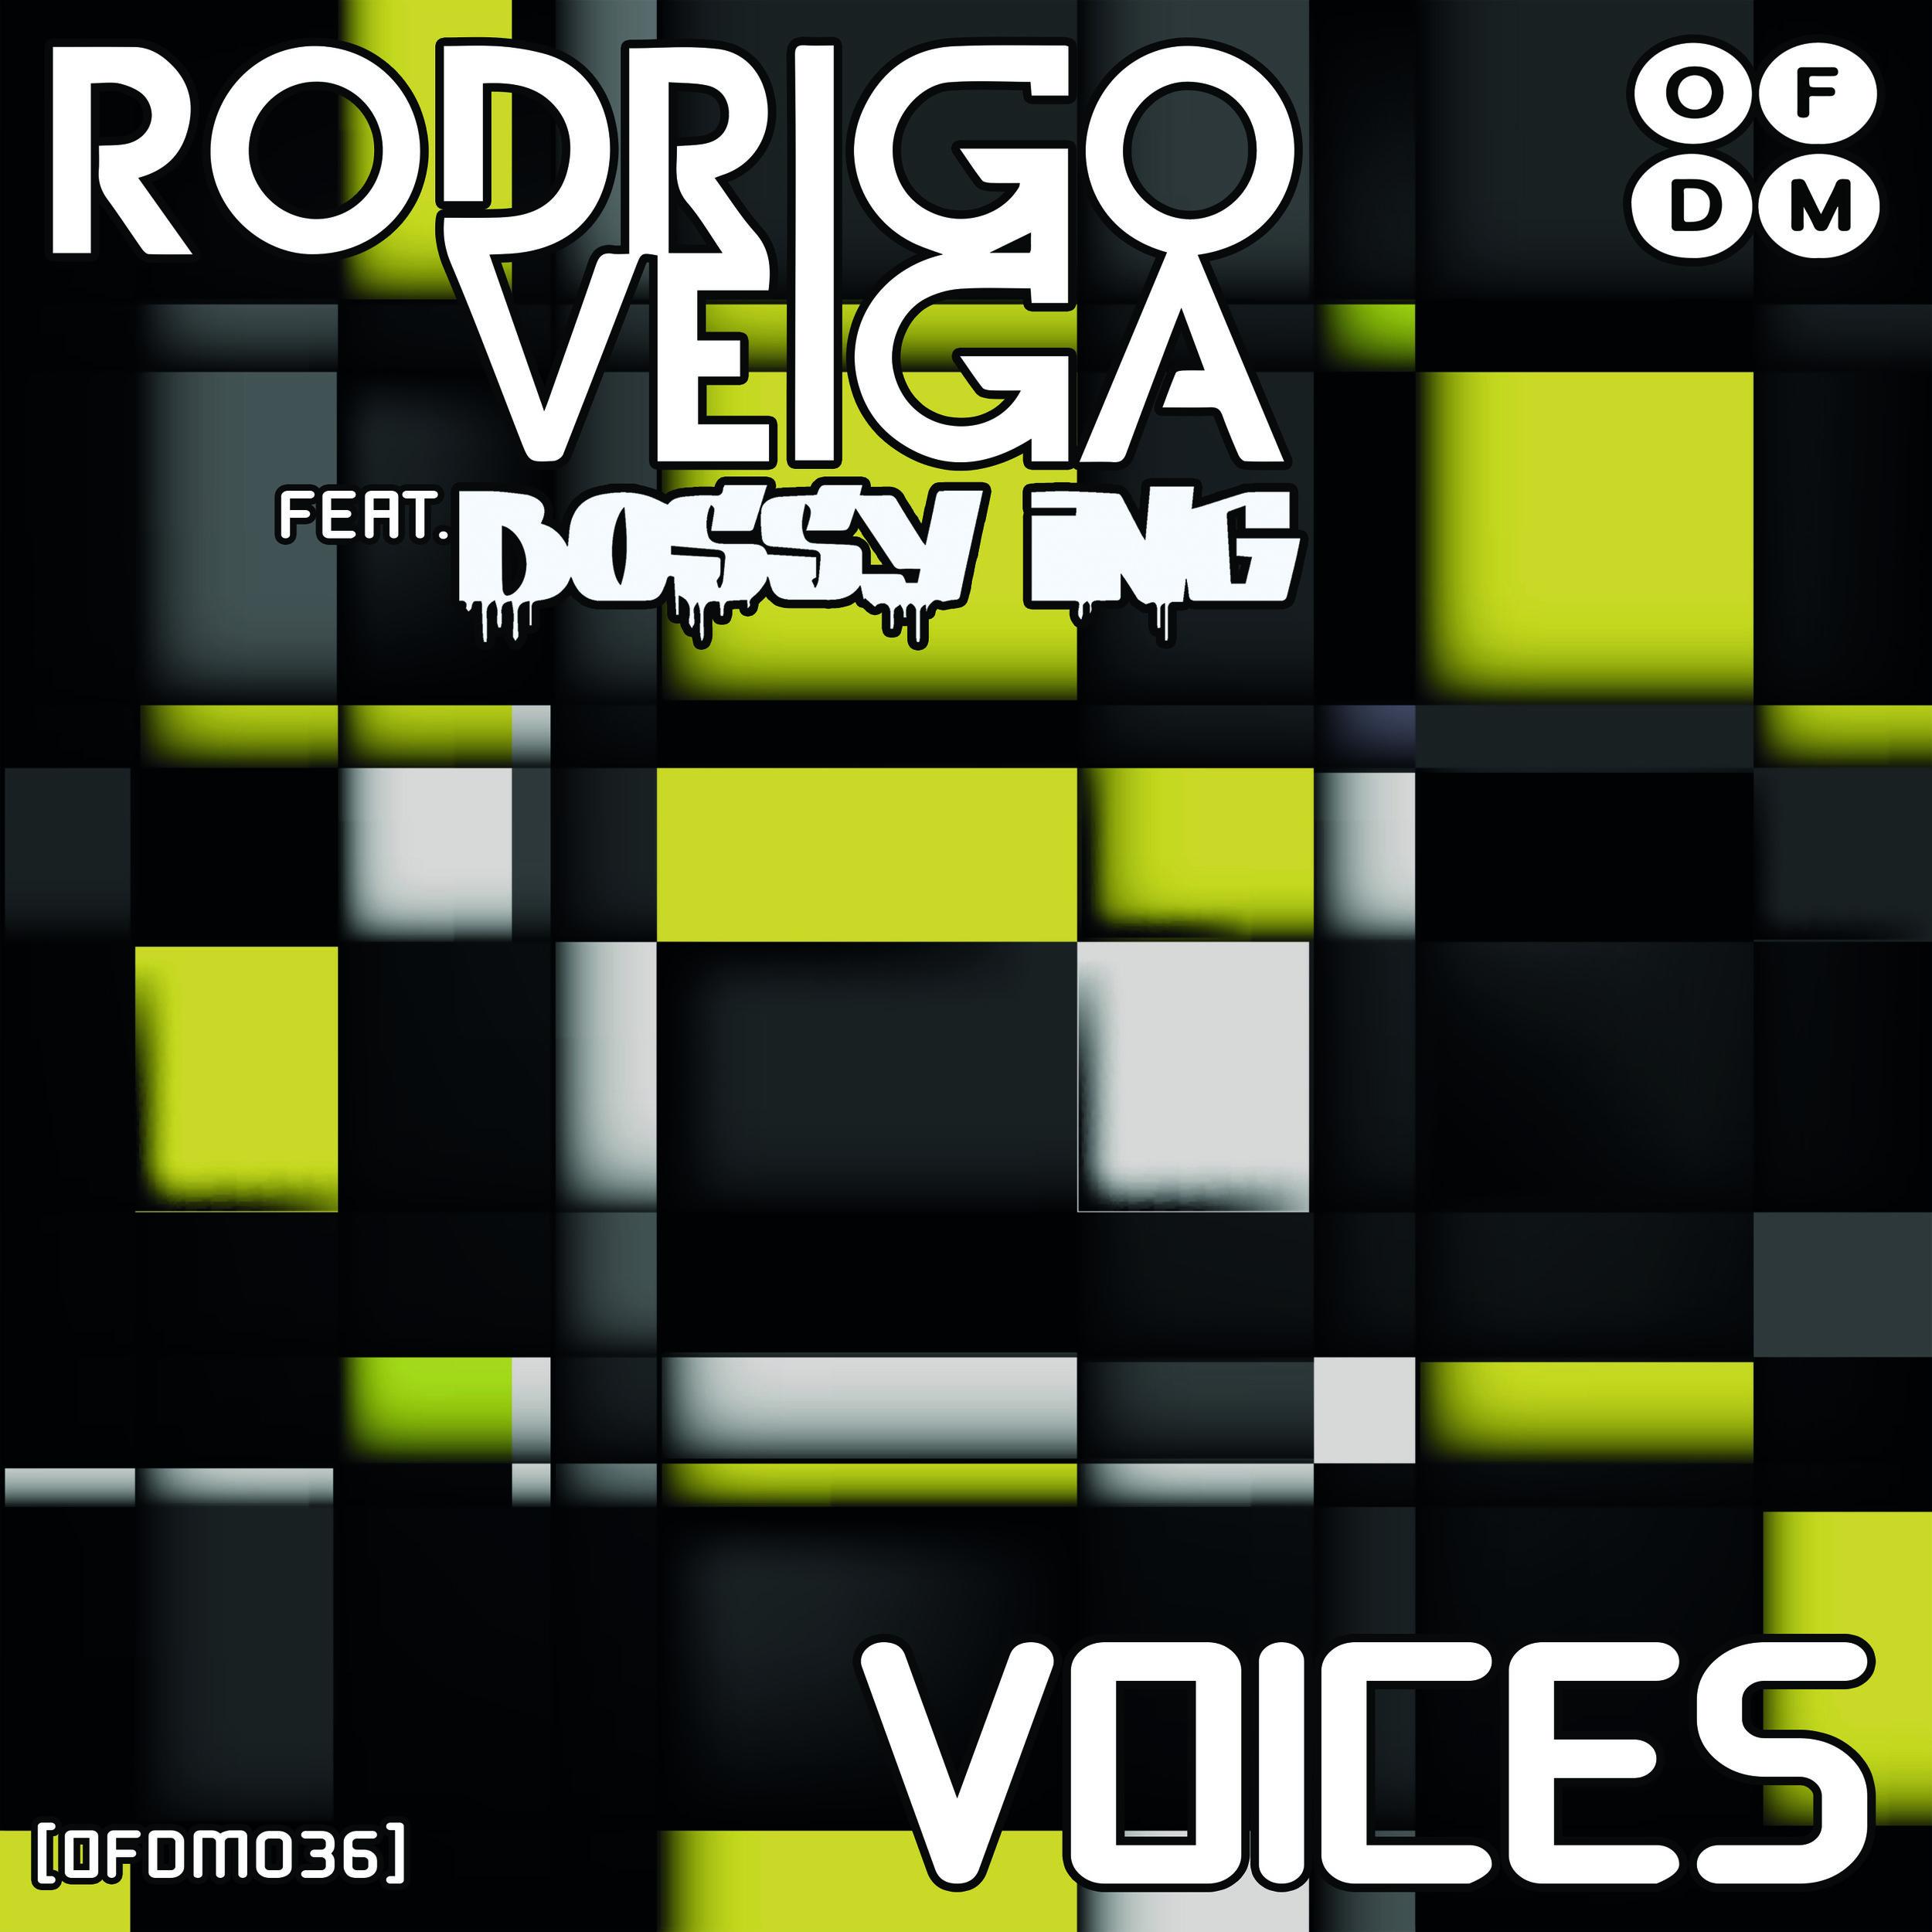 [OFDM036] Rodrigo Veiga - Voices EP (ARTWORK).jpg